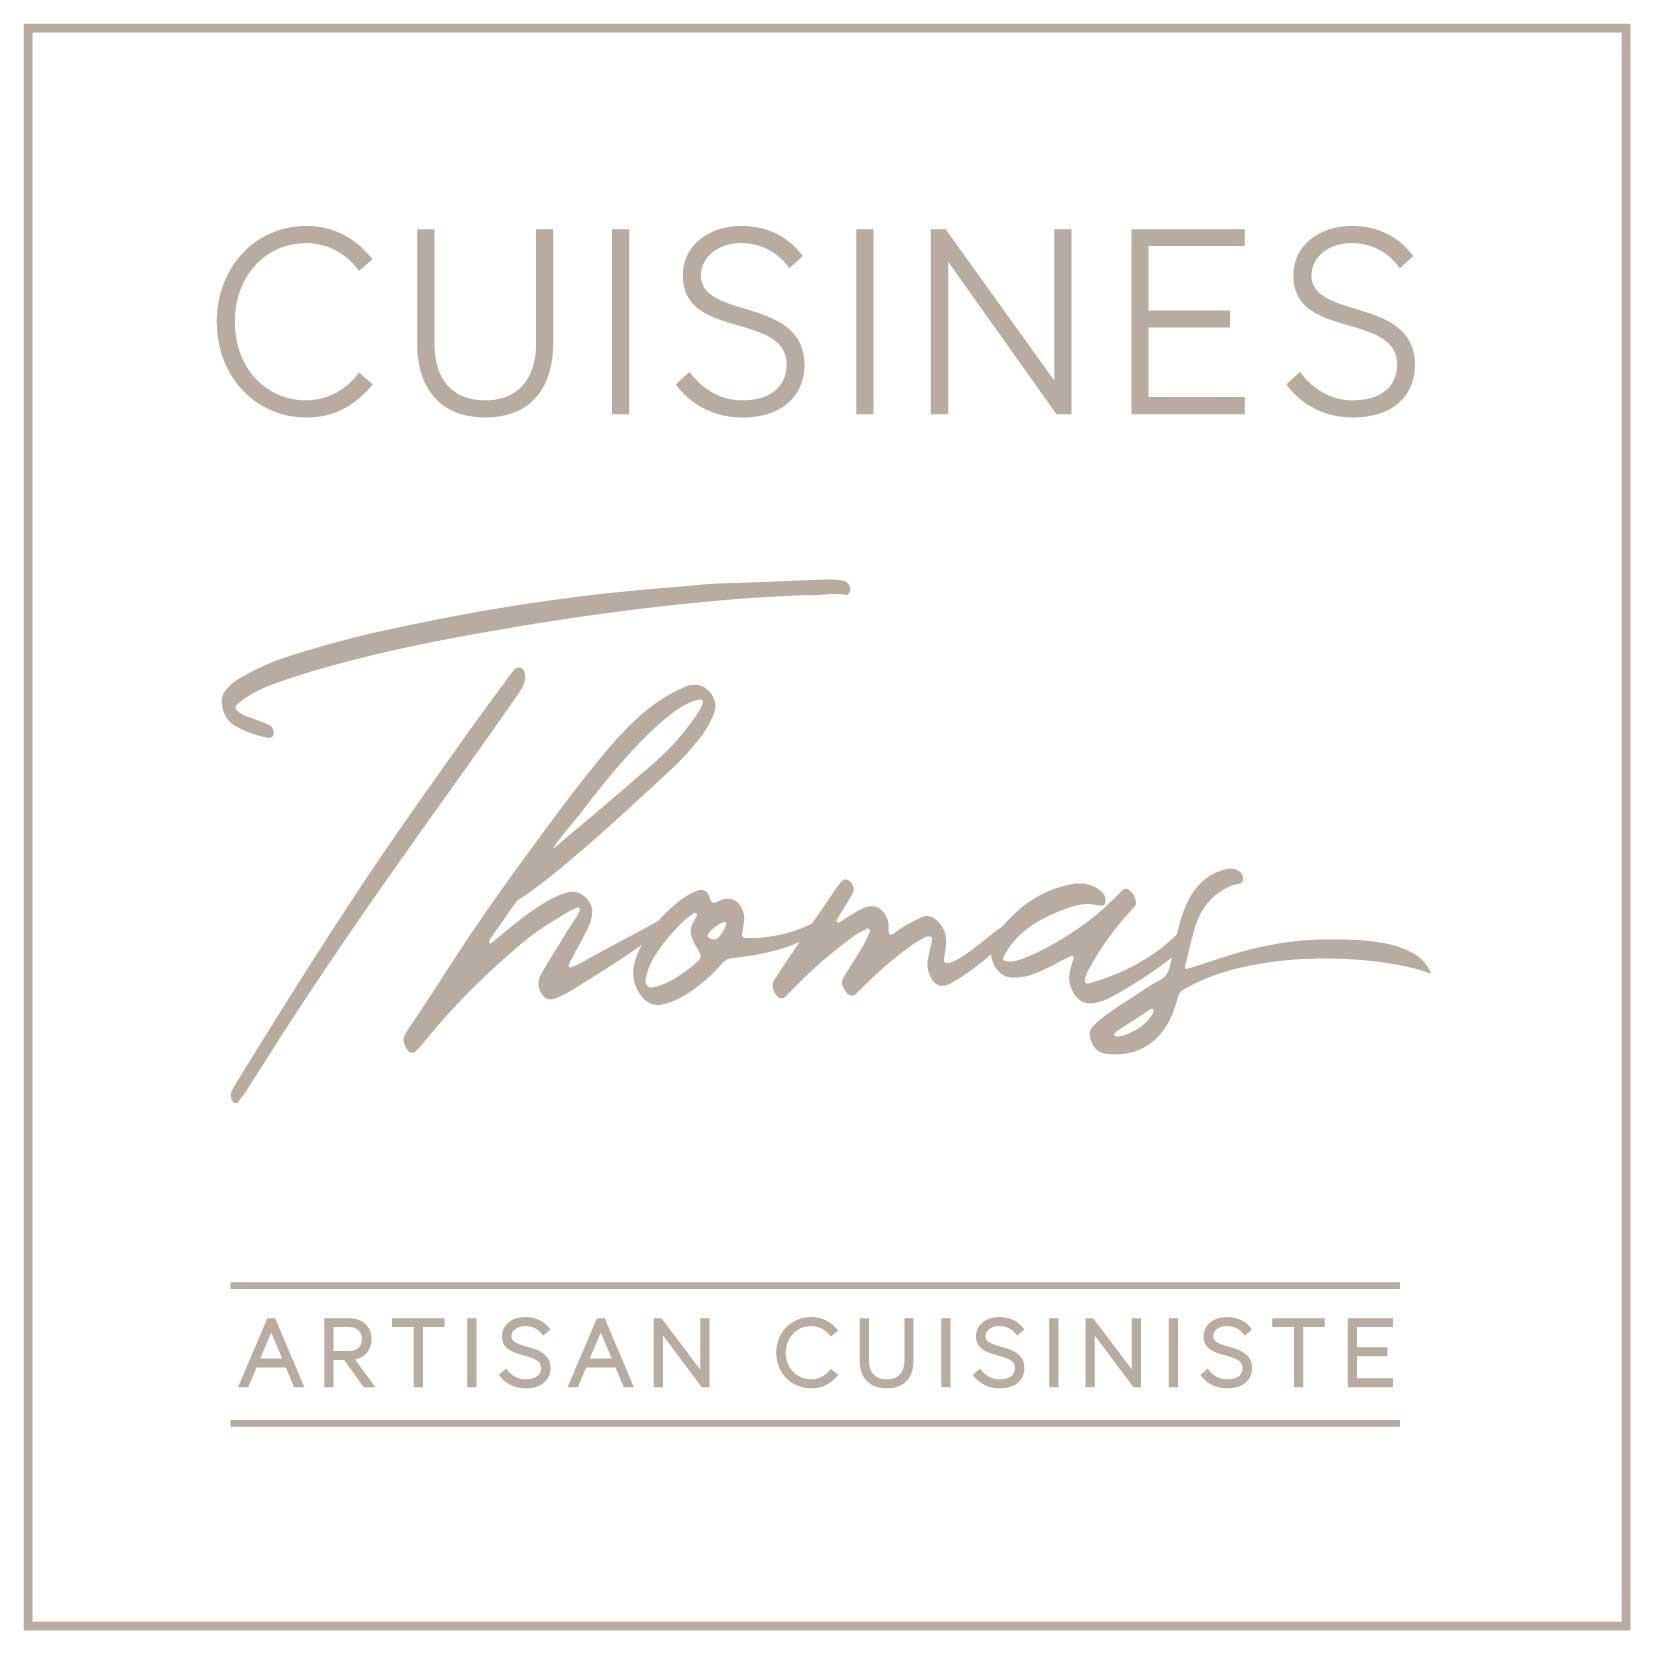 Cuisine Sur Mesure Lille cuisines thomas - accueil - artisan cuisiniste - pévèle - lille